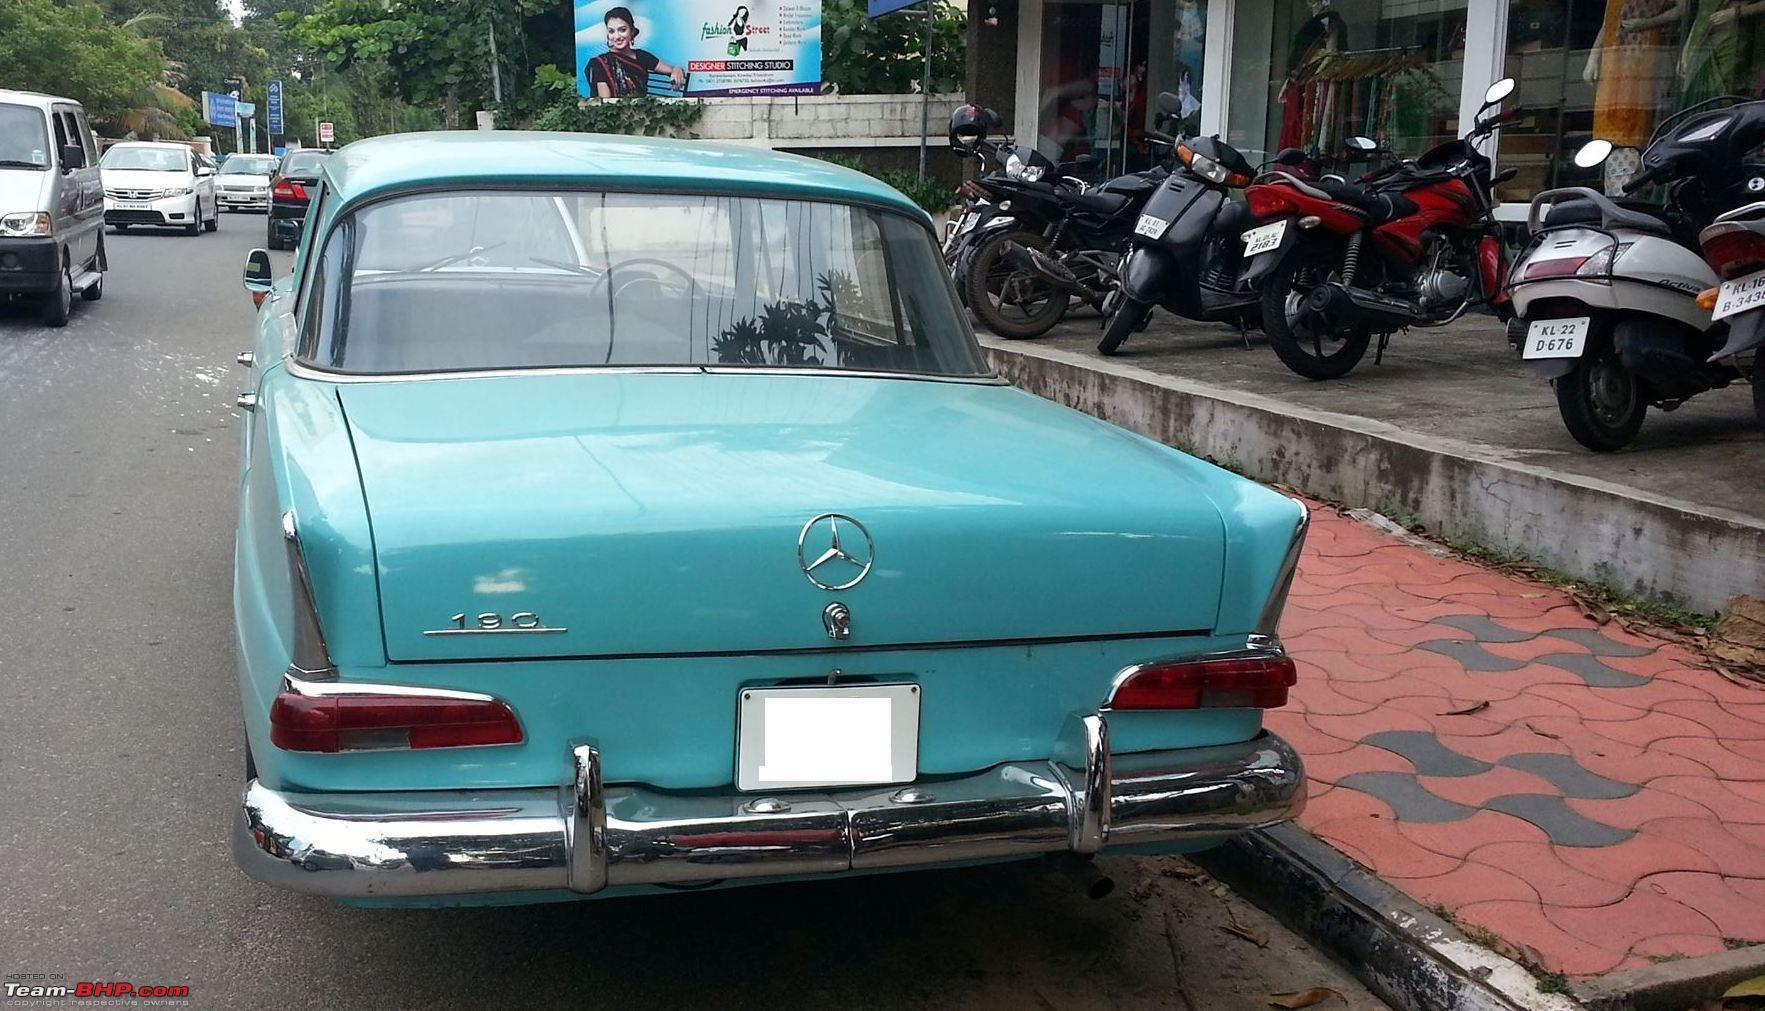 Vintage Car In Kerala Olx